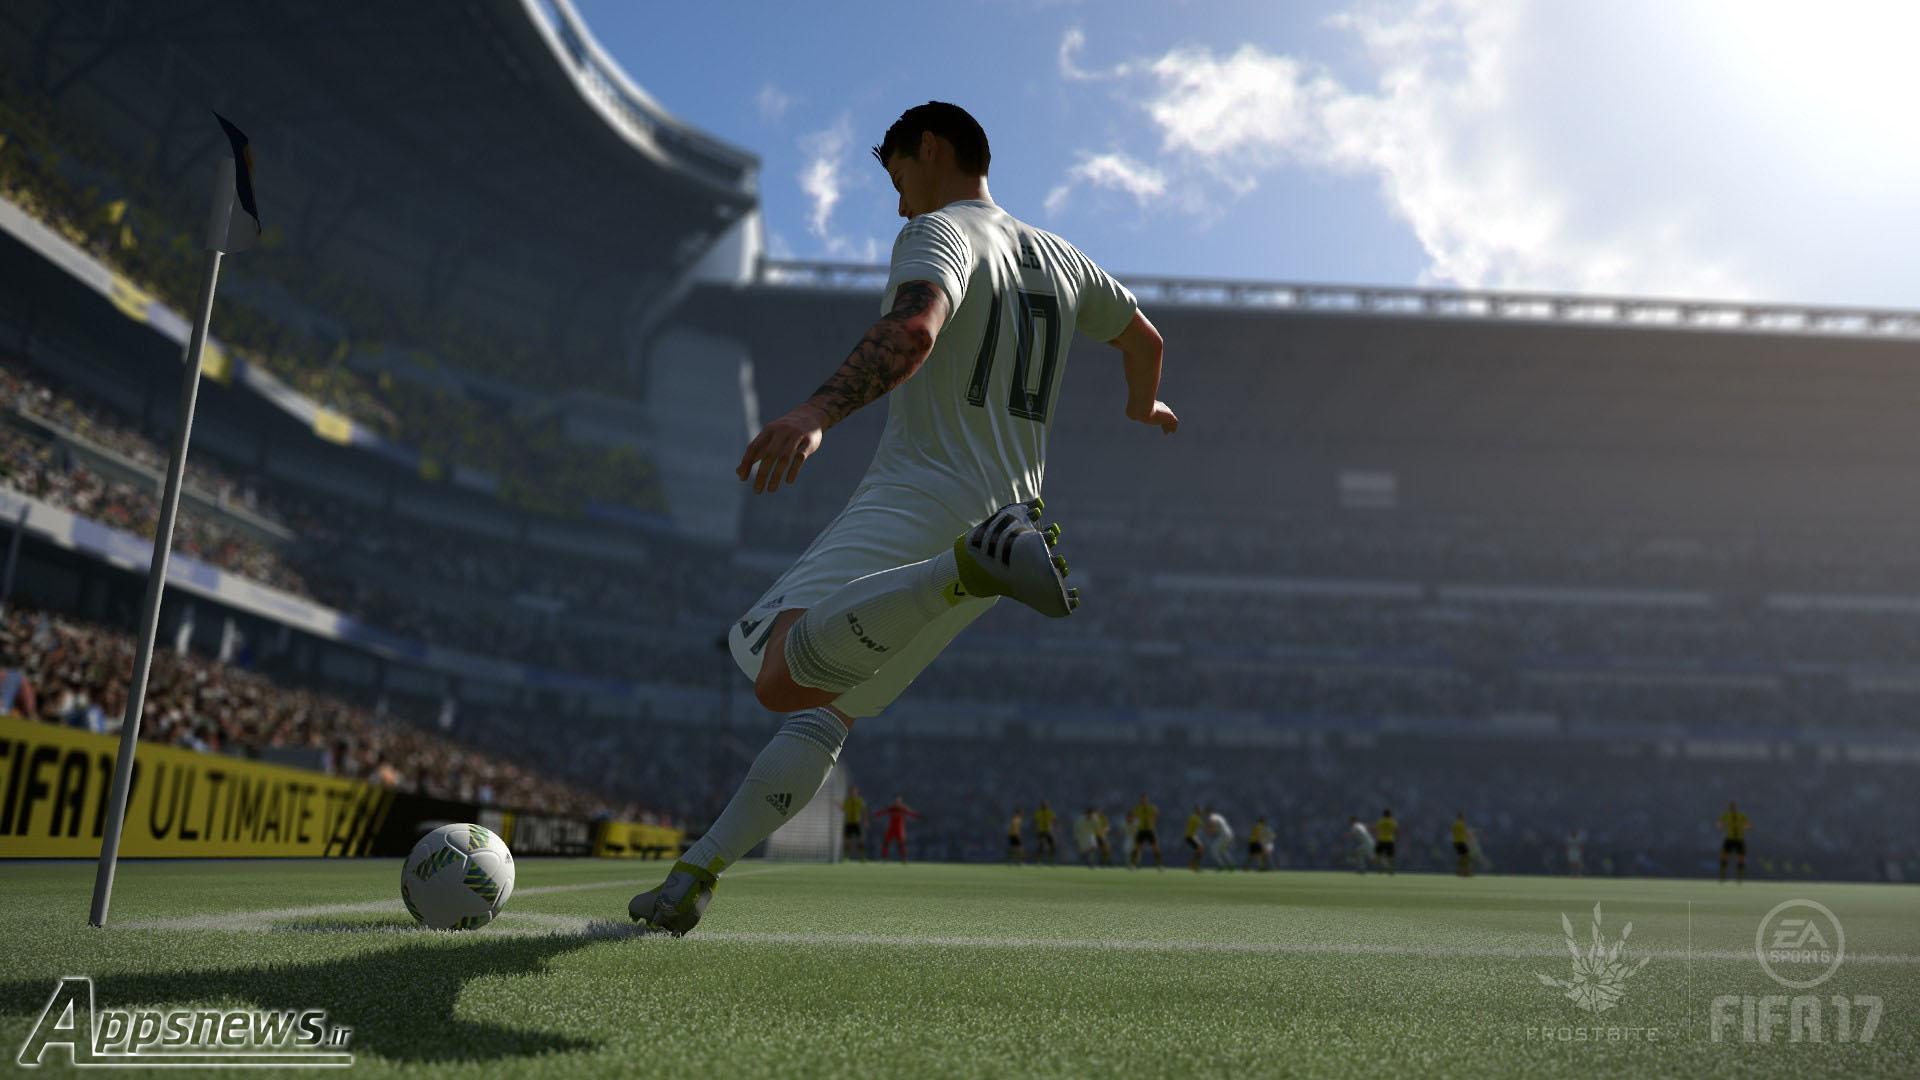 دانلود دمو بازی فیفا ۱۷ FIFA 17 DEMO برای PC + راهنمای نصب